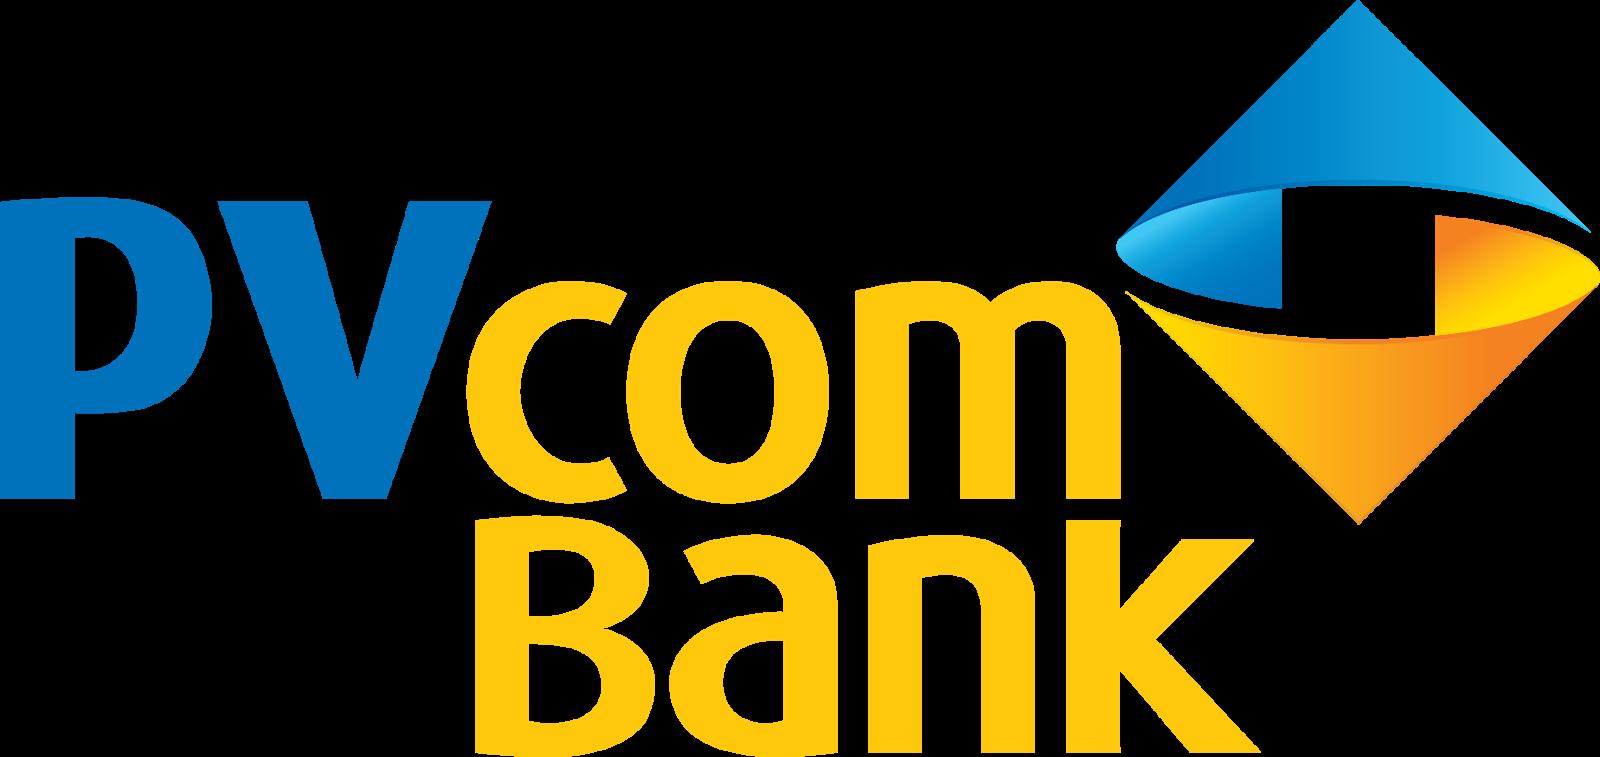 PVCombank - Ngân Hàng TMCP Đại Chúng